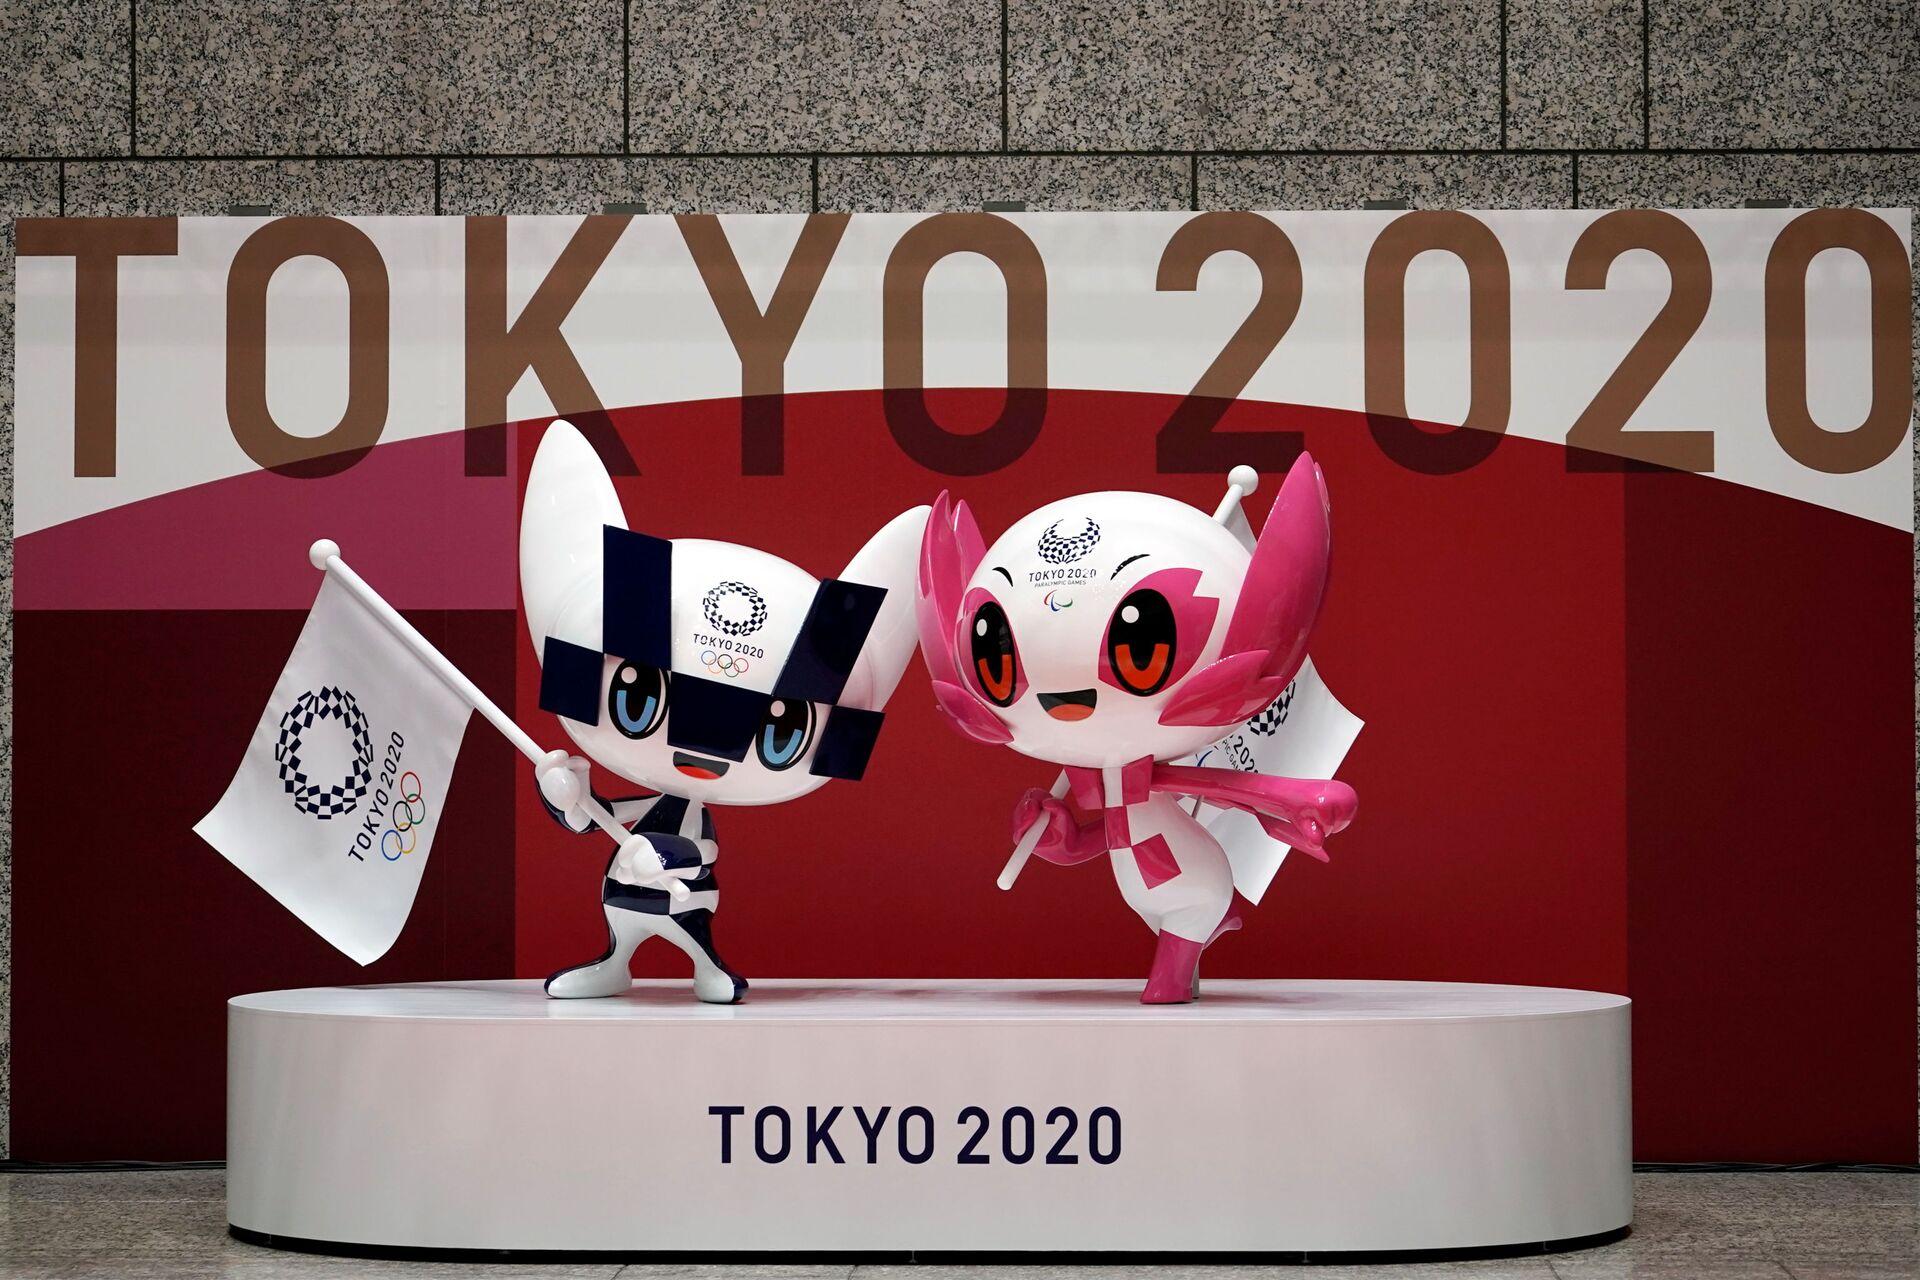 Обратный отсчет до старта Олимпиады запустили в Токио - Sputnik Беларусь, 1920, 14.04.2021